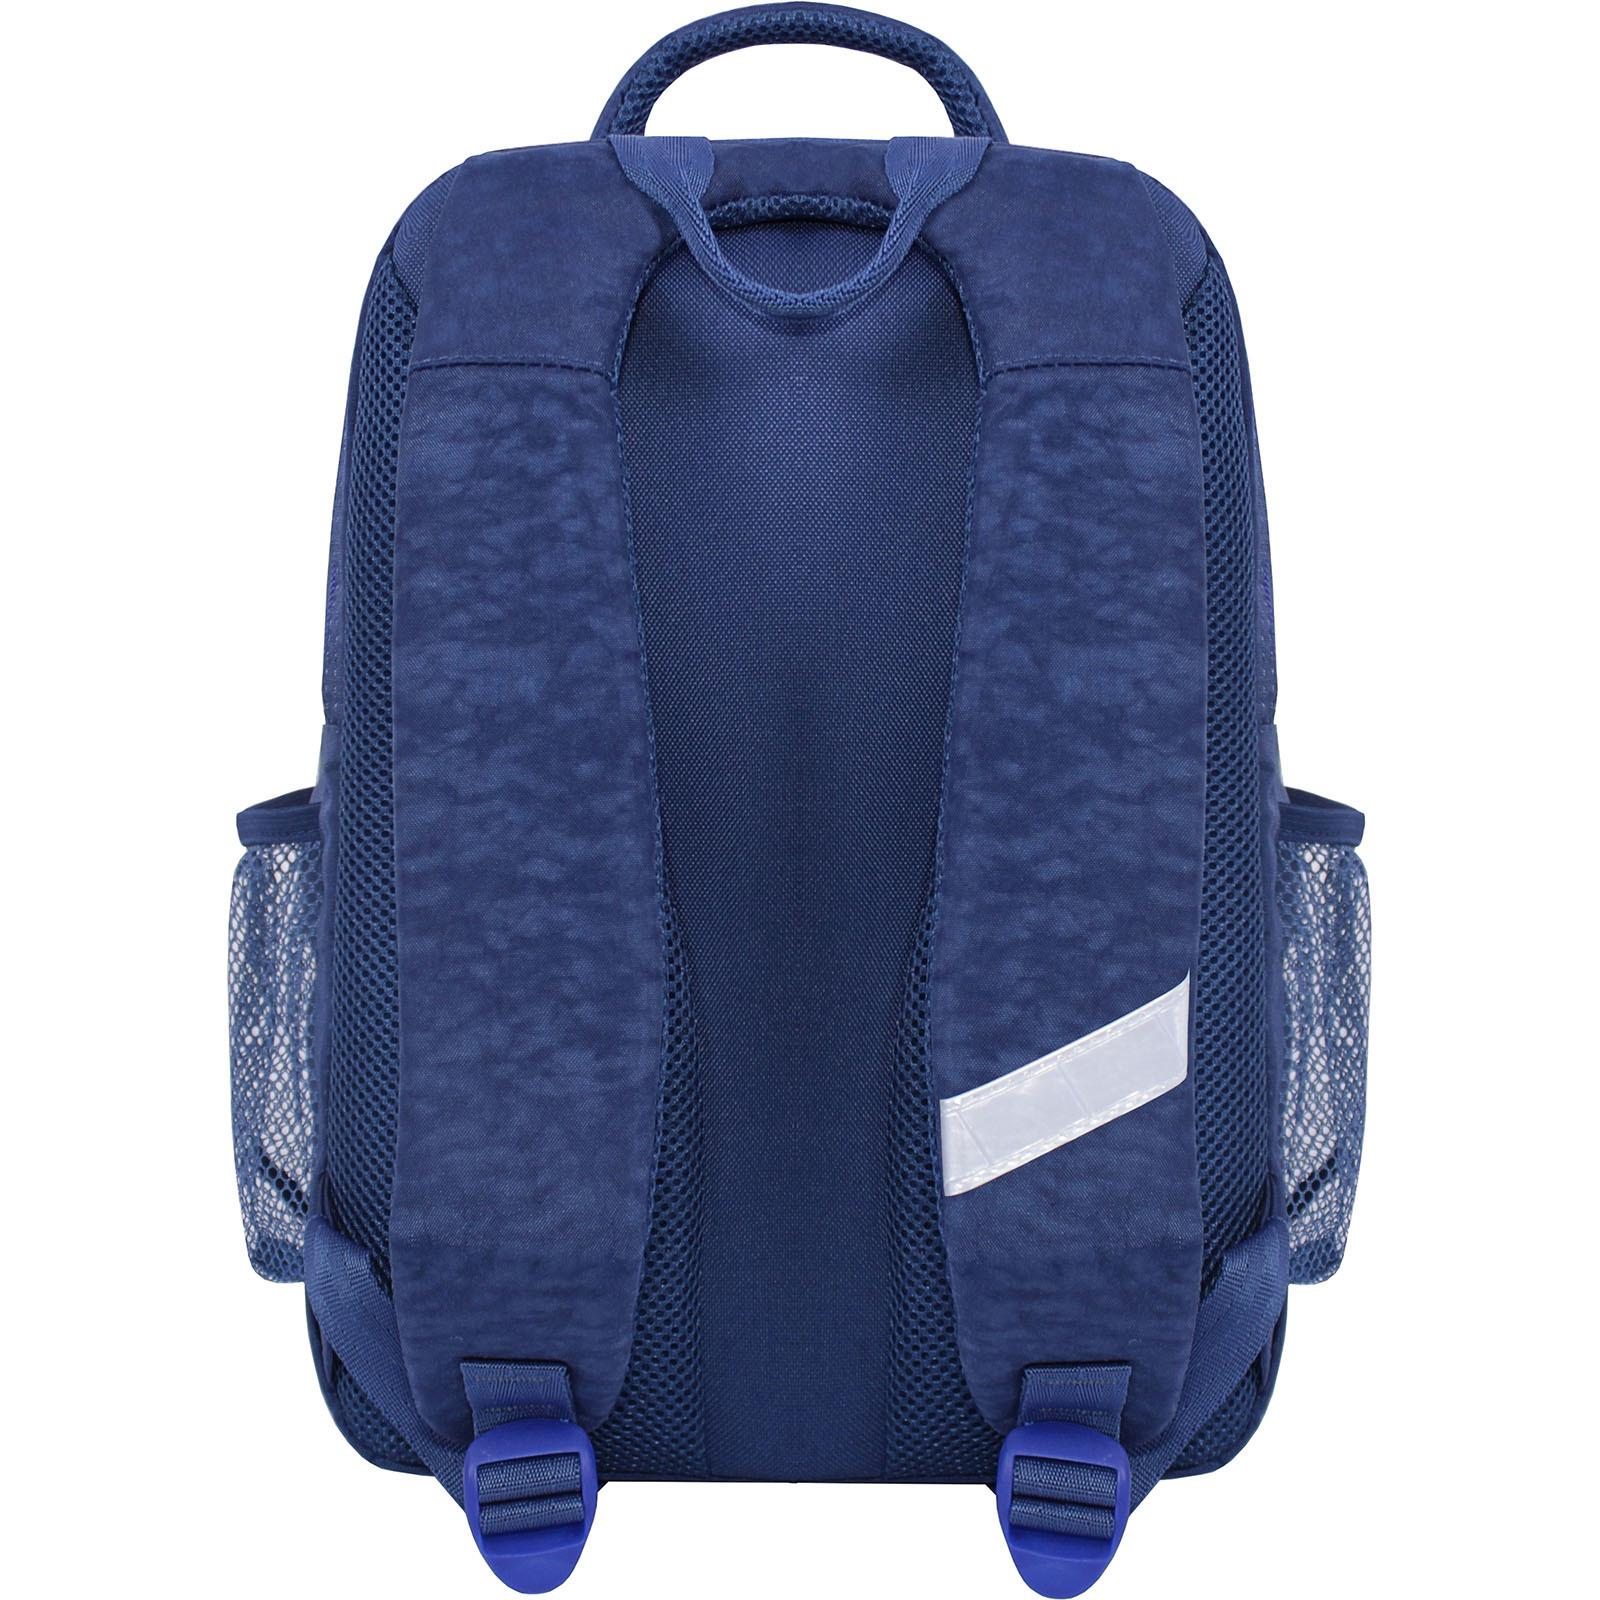 Рюкзак школьный Bagland Школьник 8 л. синий 551 (0012870) фото 3